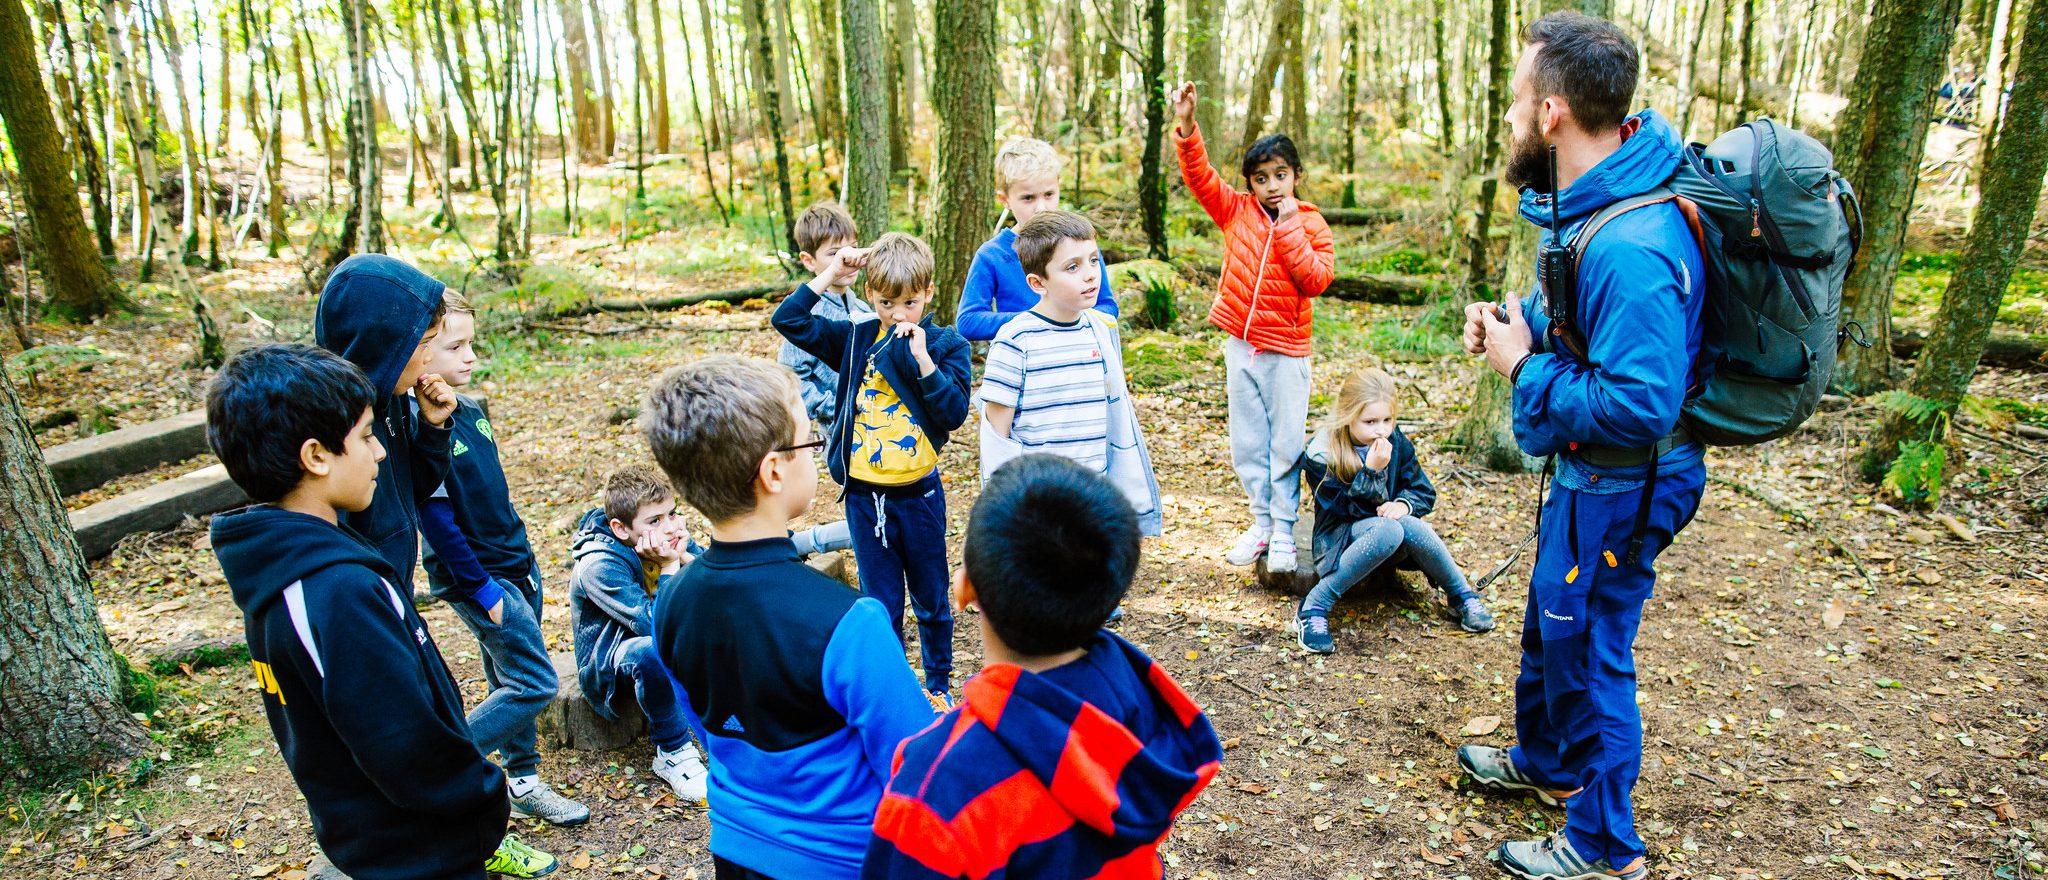 Children on team building activity